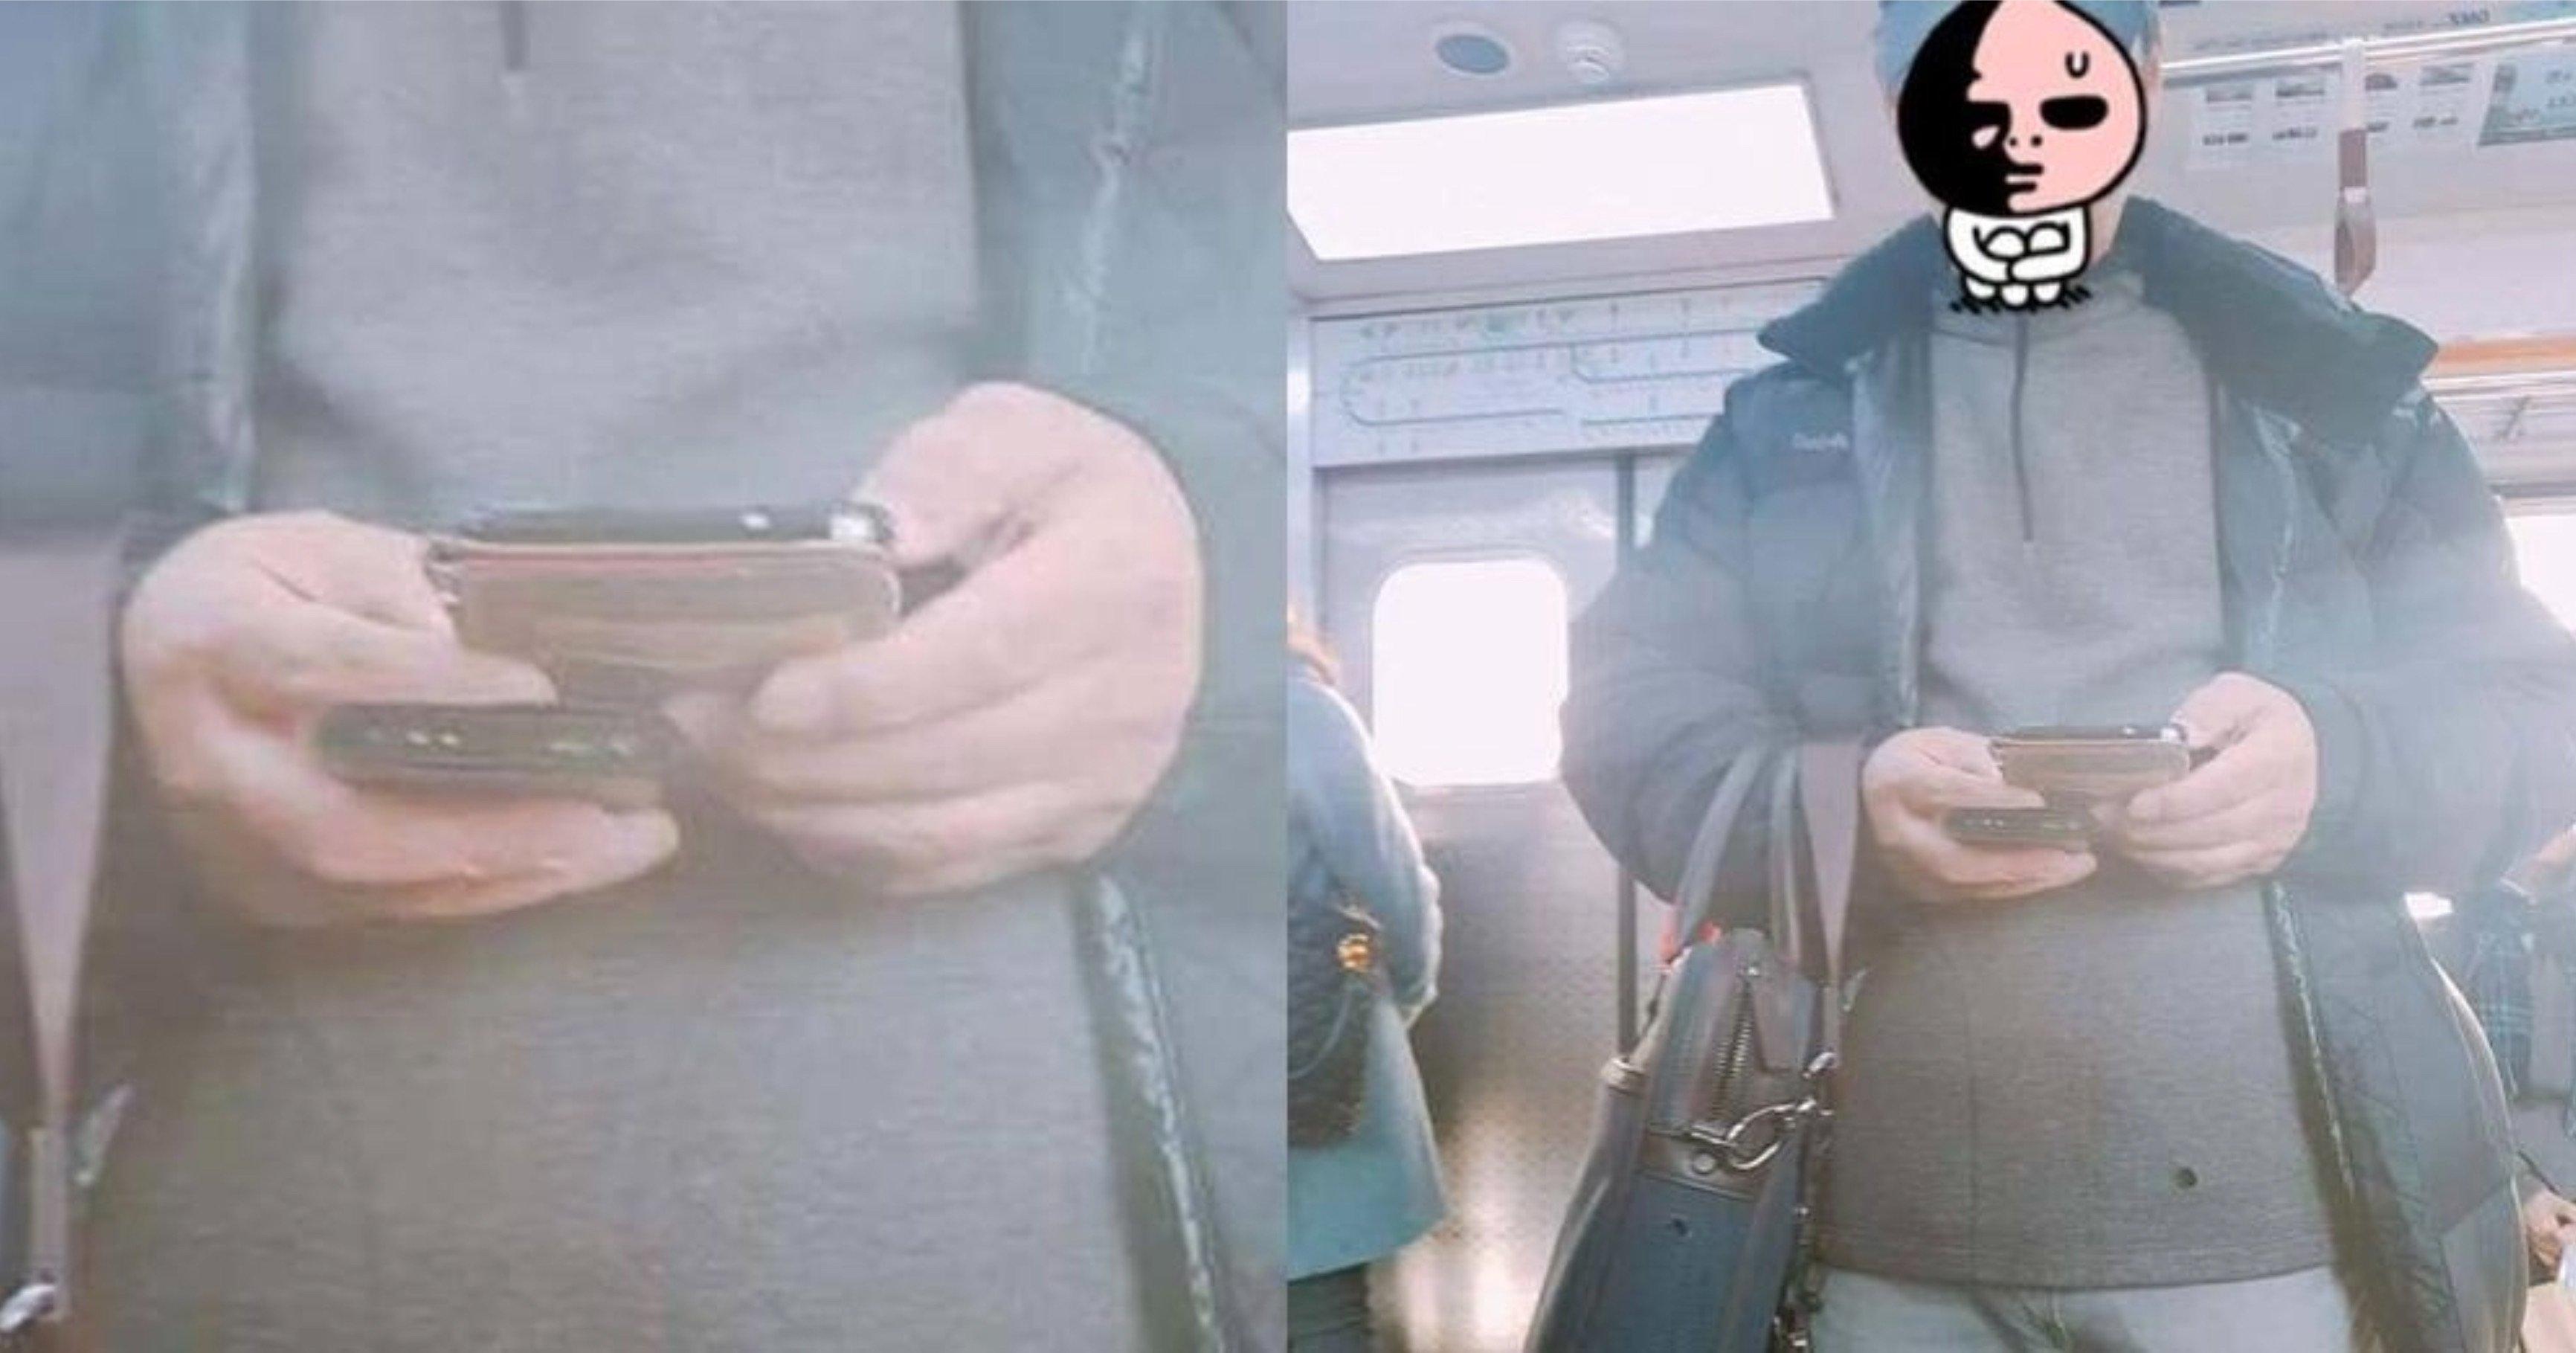 """90dd097c 4617 42e7 8109 44d1dff20d80.jpeg?resize=1200,630 - """"지하철 몰카범 잡았는데, 경찰이 저보고 범인과 같이 내려서 기다리라고 하네요"""""""